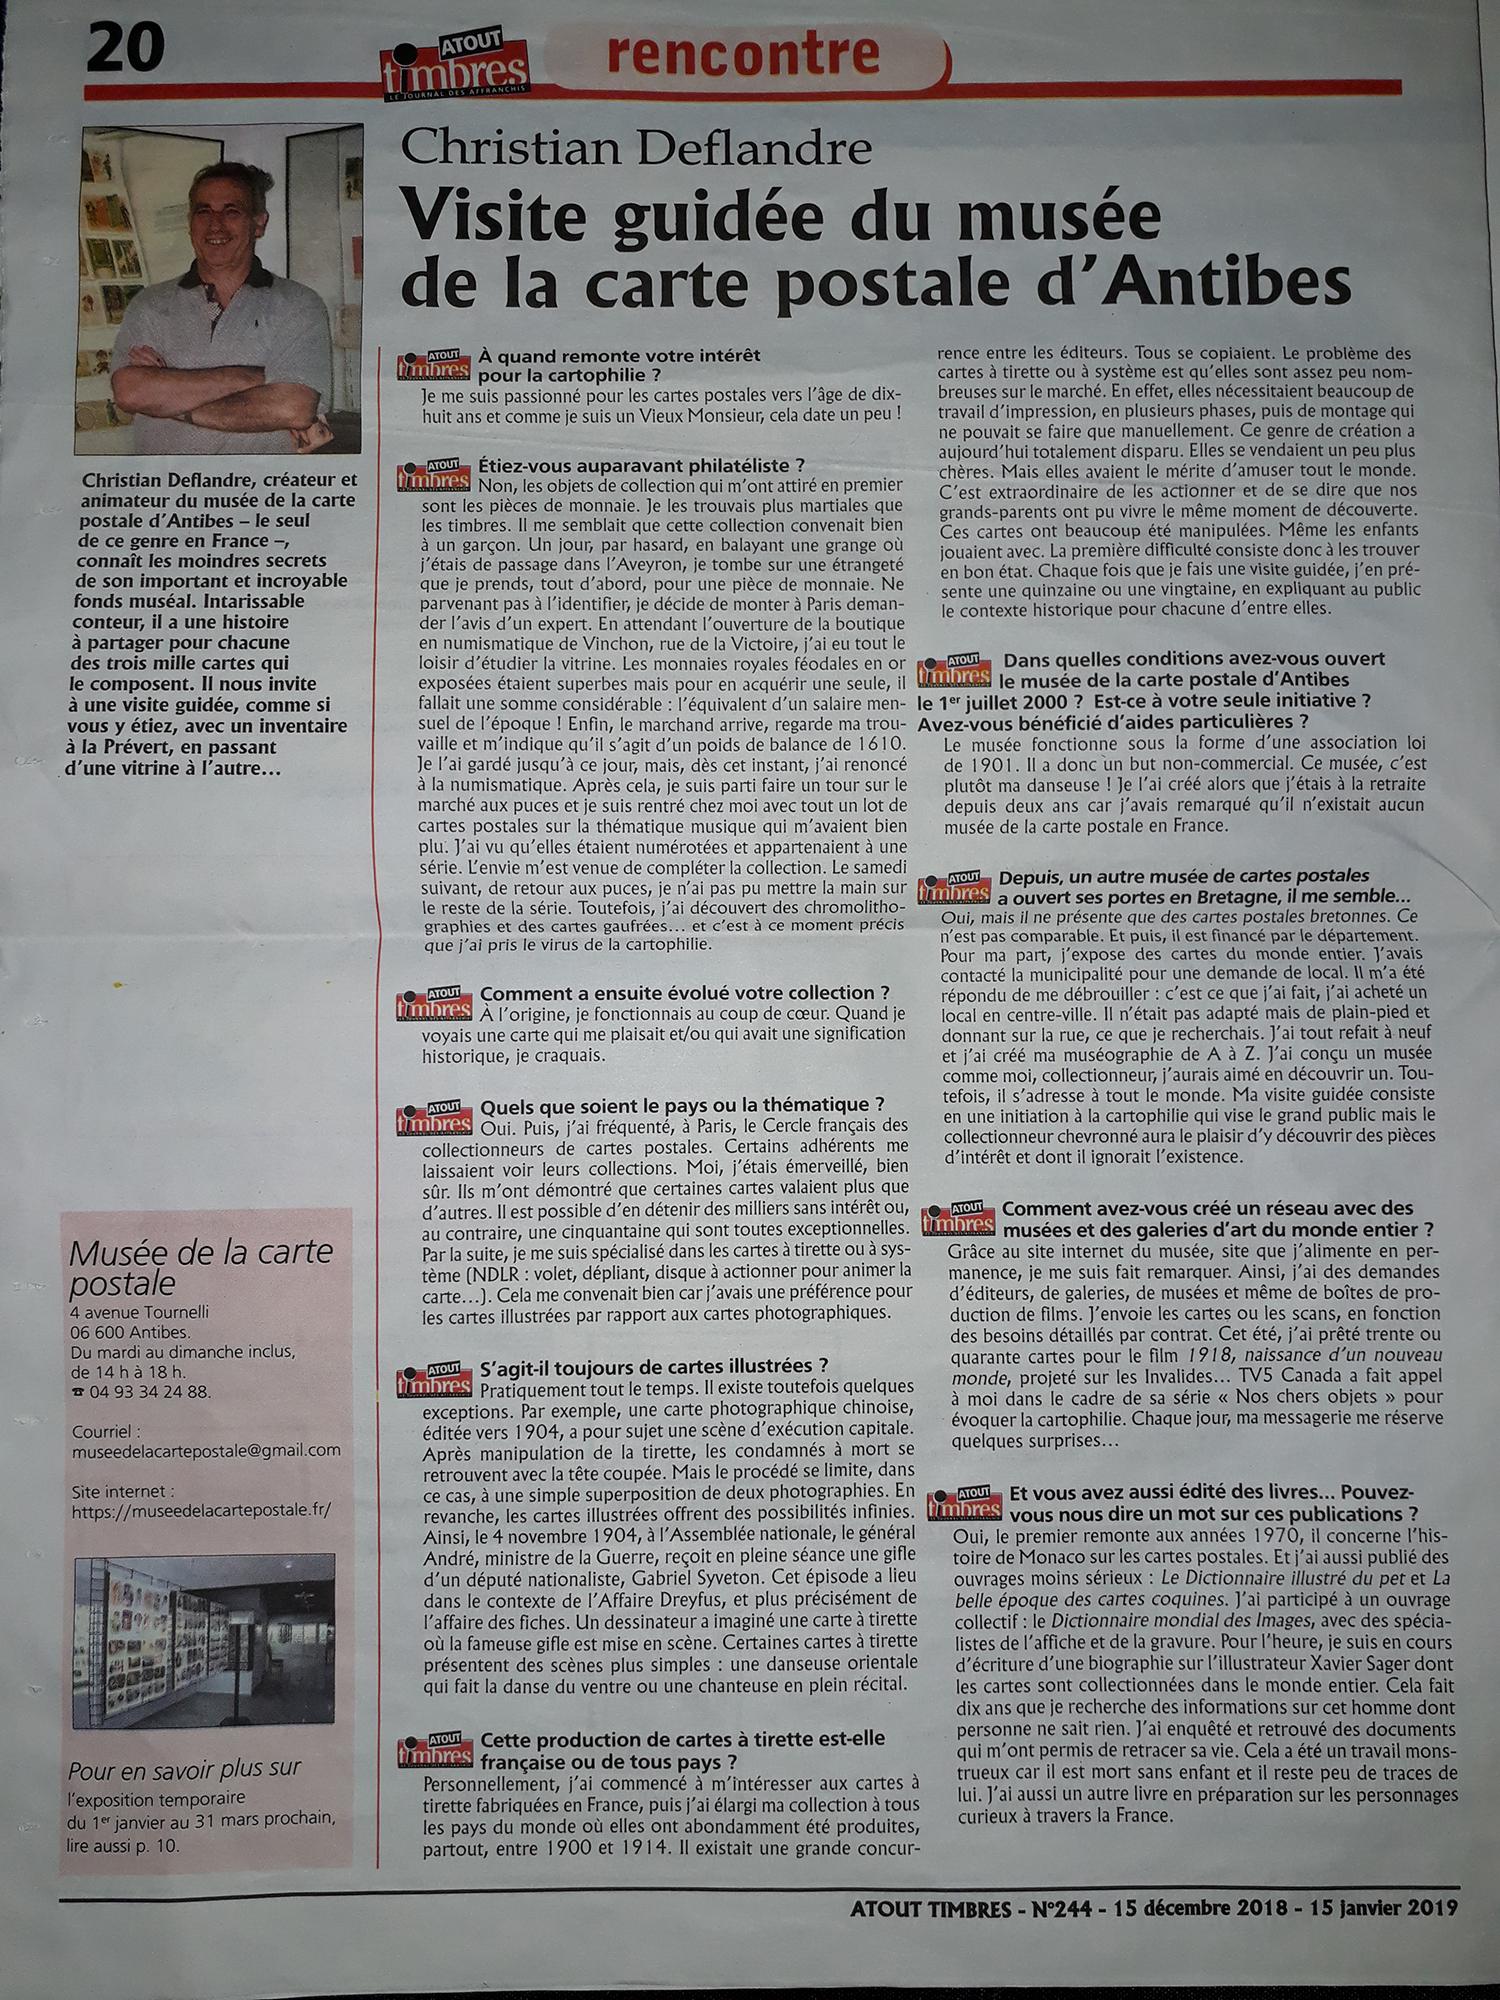 Article dans Atout timbres du 15/12/2018 sur le Musée de la Carte Postale à Antibes.